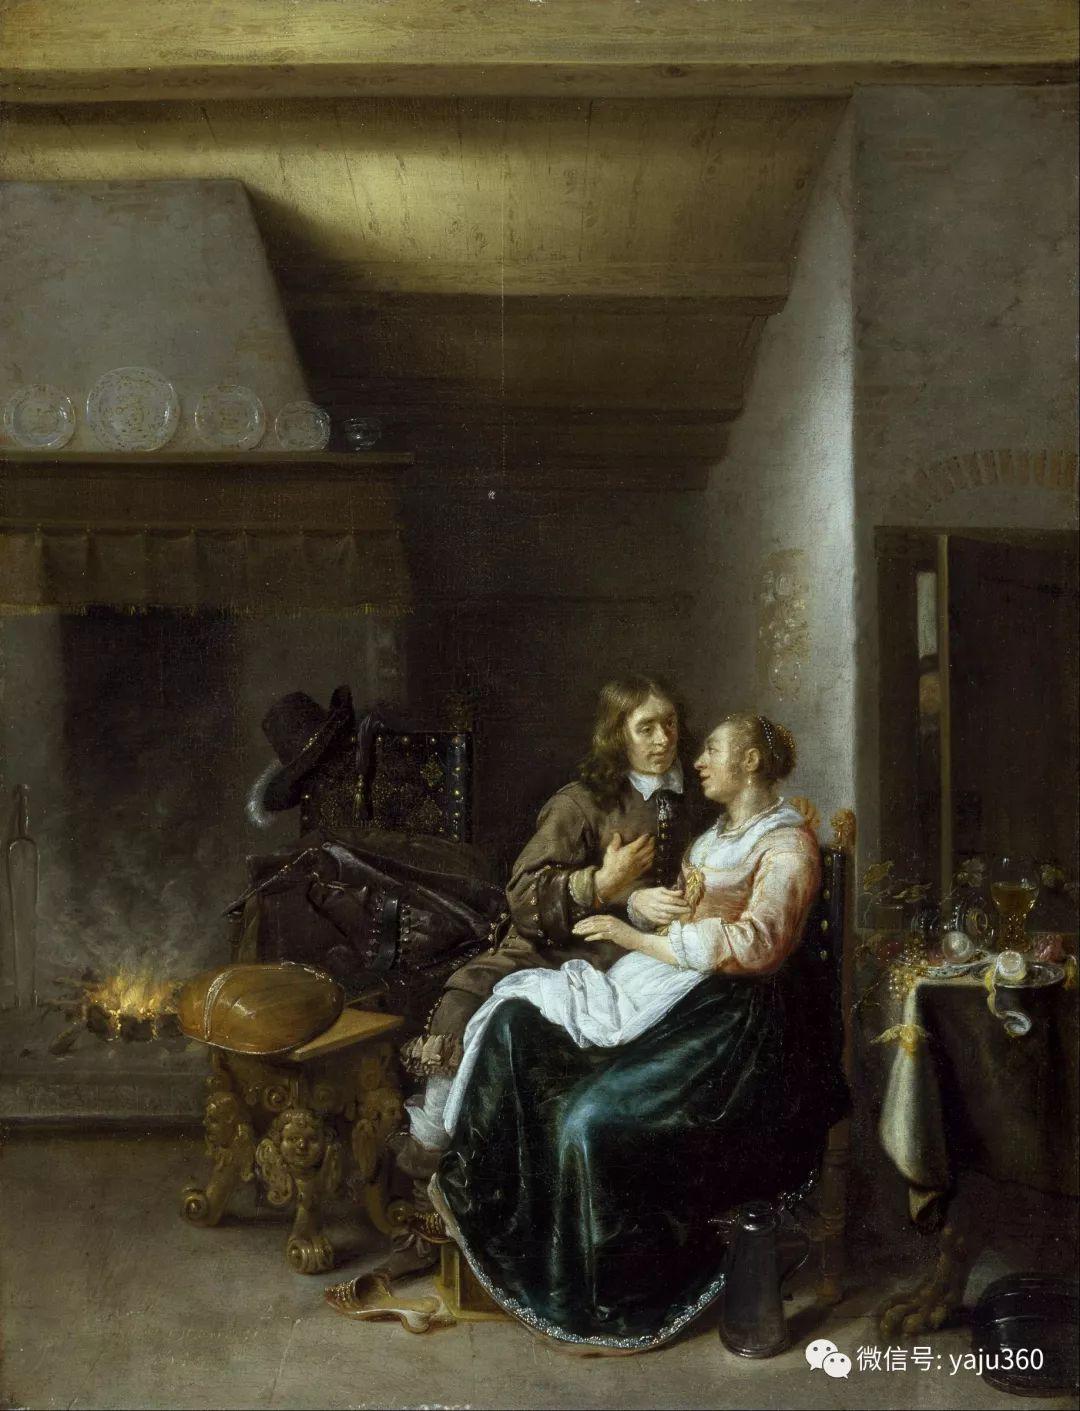 油画世界 17世纪荷兰画家Jan Miense Molenaer插图37